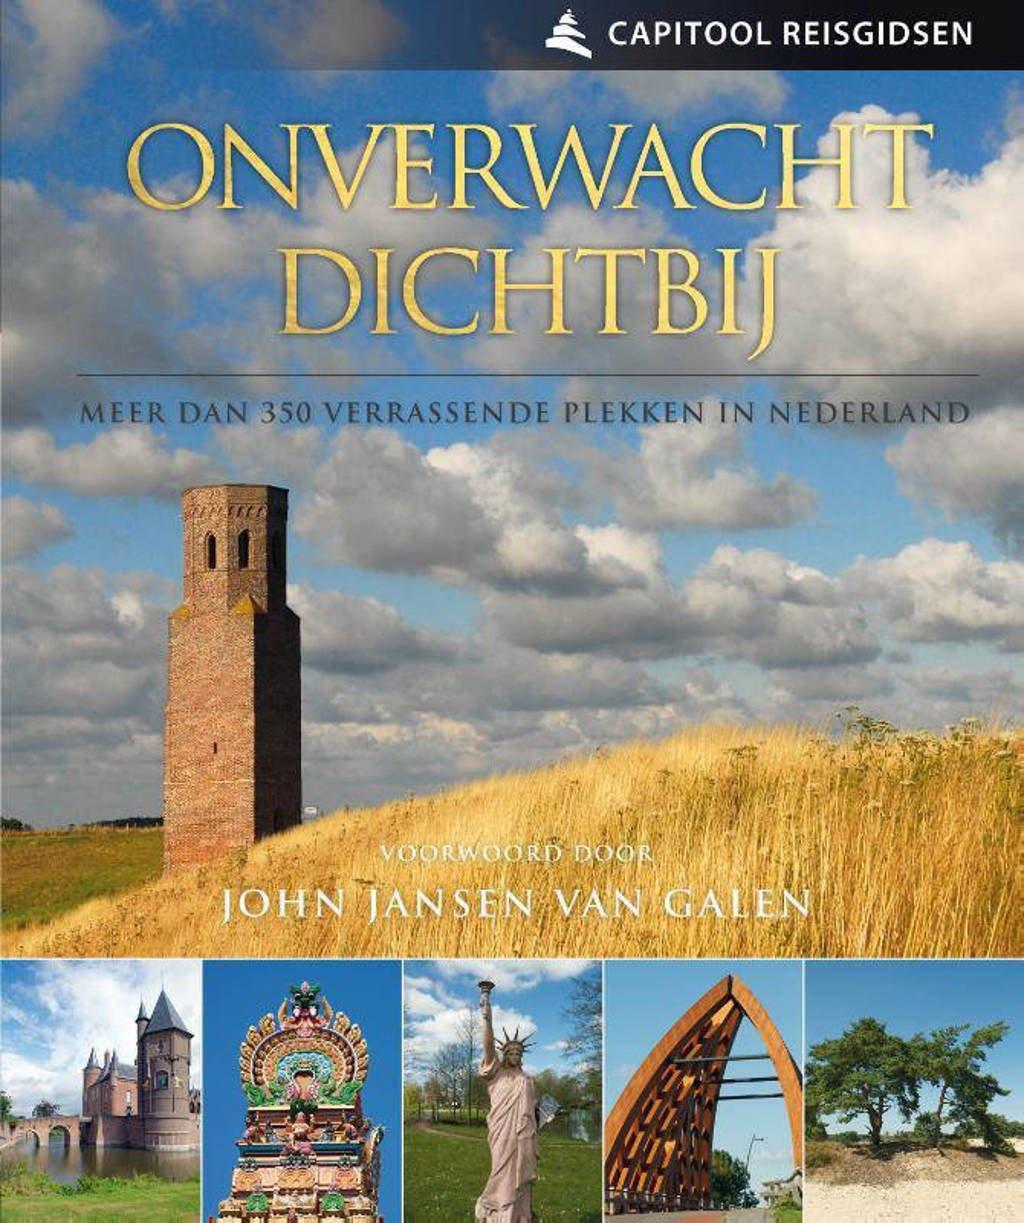 Capitool reisgidsen: Onverwacht dichtbij - Travelingo, Marja Kerst en Pim Verver